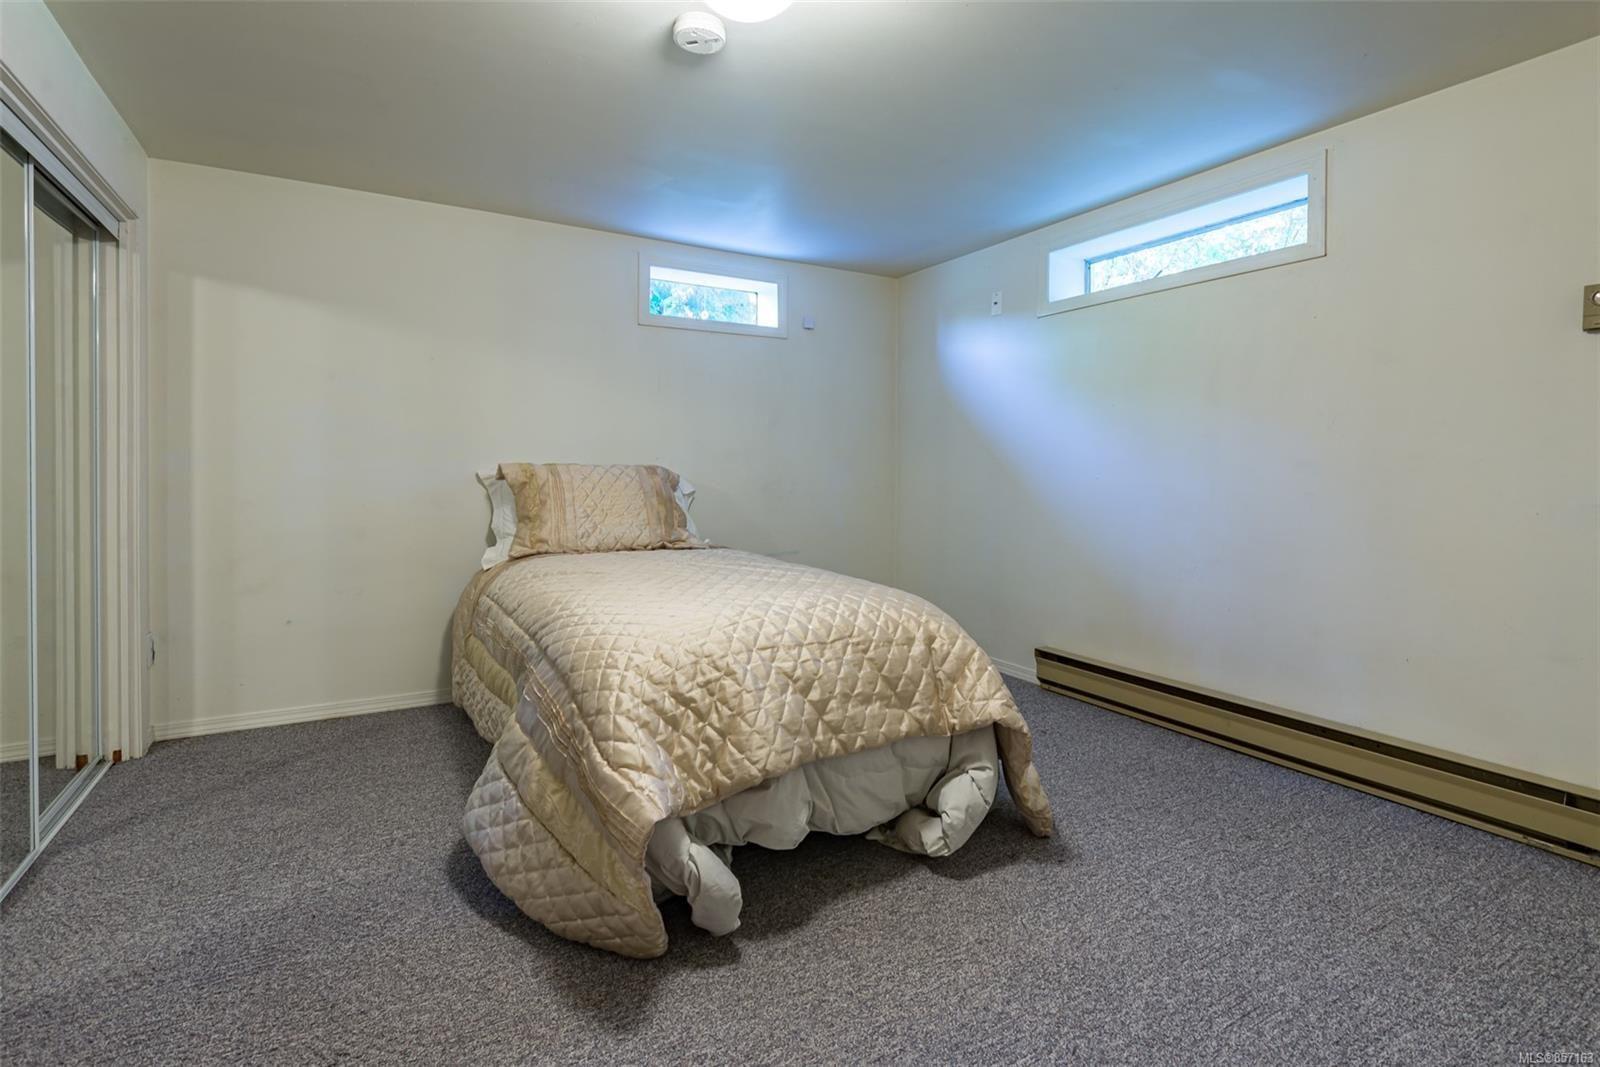 Photo 41: Photos: 4241 Buddington Rd in : CV Courtenay South House for sale (Comox Valley)  : MLS®# 857163